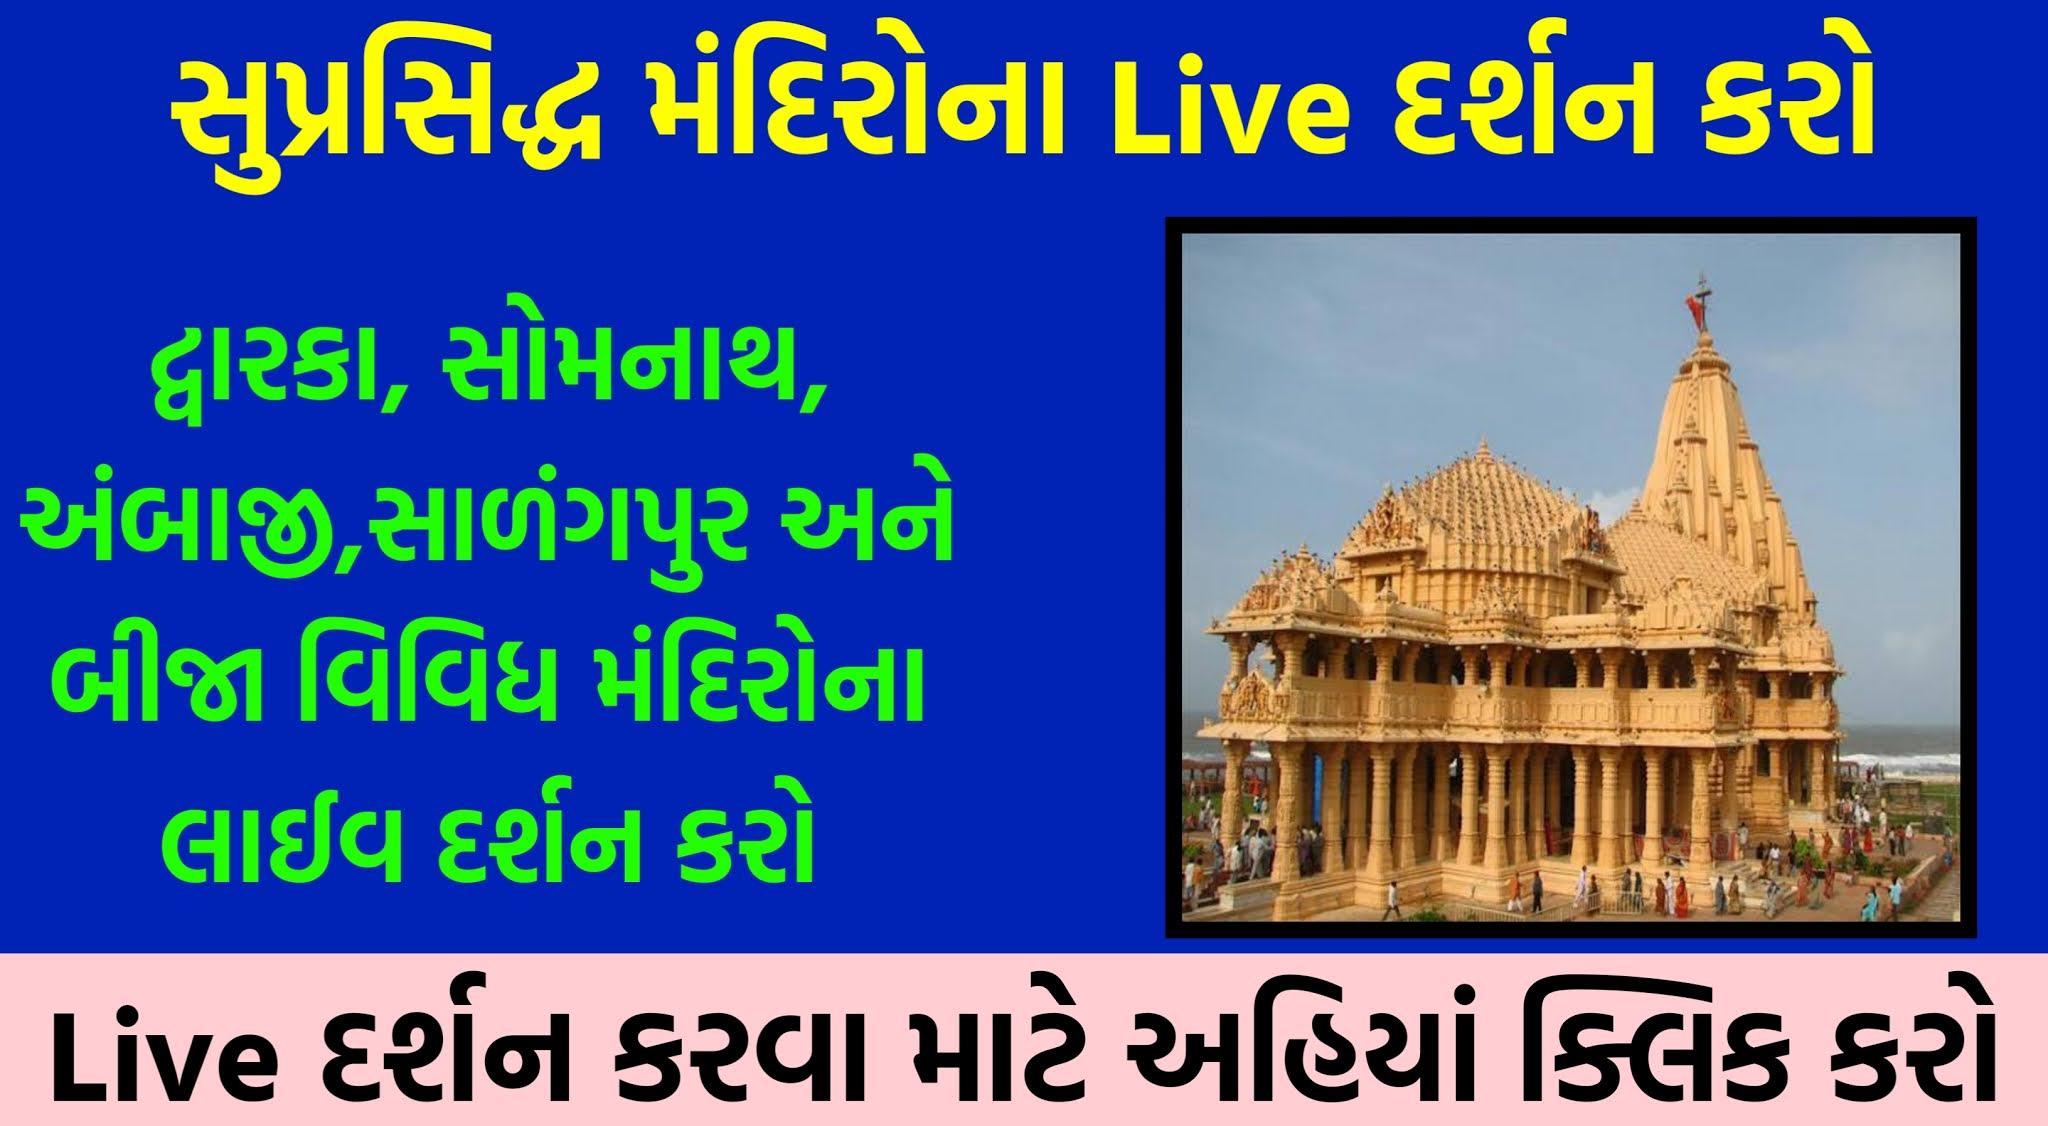 Dwarkadhis  Live Darshaન,Salanpur HANUMAN mandir,Dakor Mandir Live Darsan,Ambaji Mandir Live Darsan,Sherdi vala Saibaba Darsan,Somnath live aarti